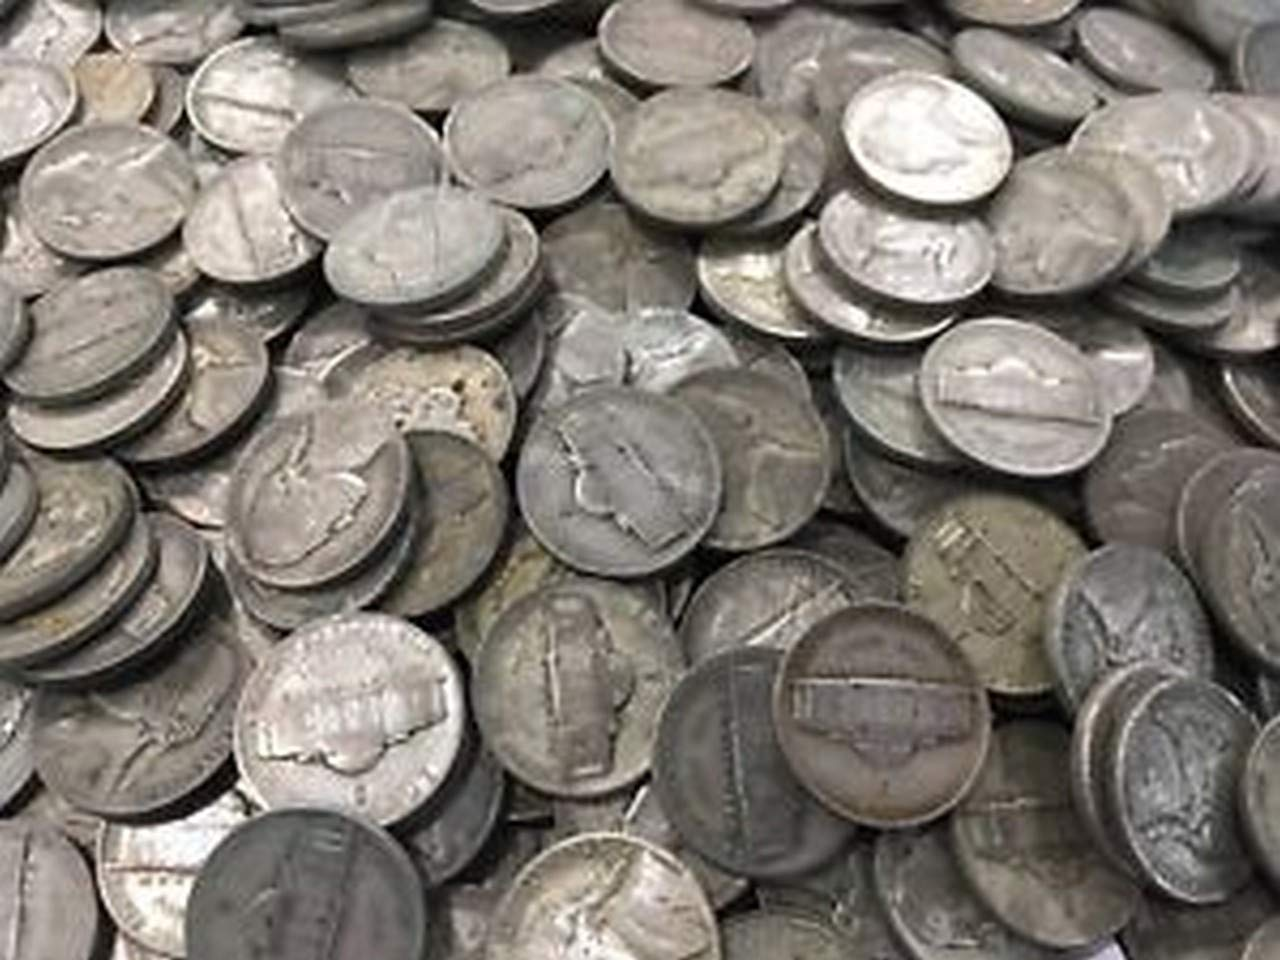 1942-1945 35/% Silver War Nickels $1 Face Value Avg Circ Nickel Very Good